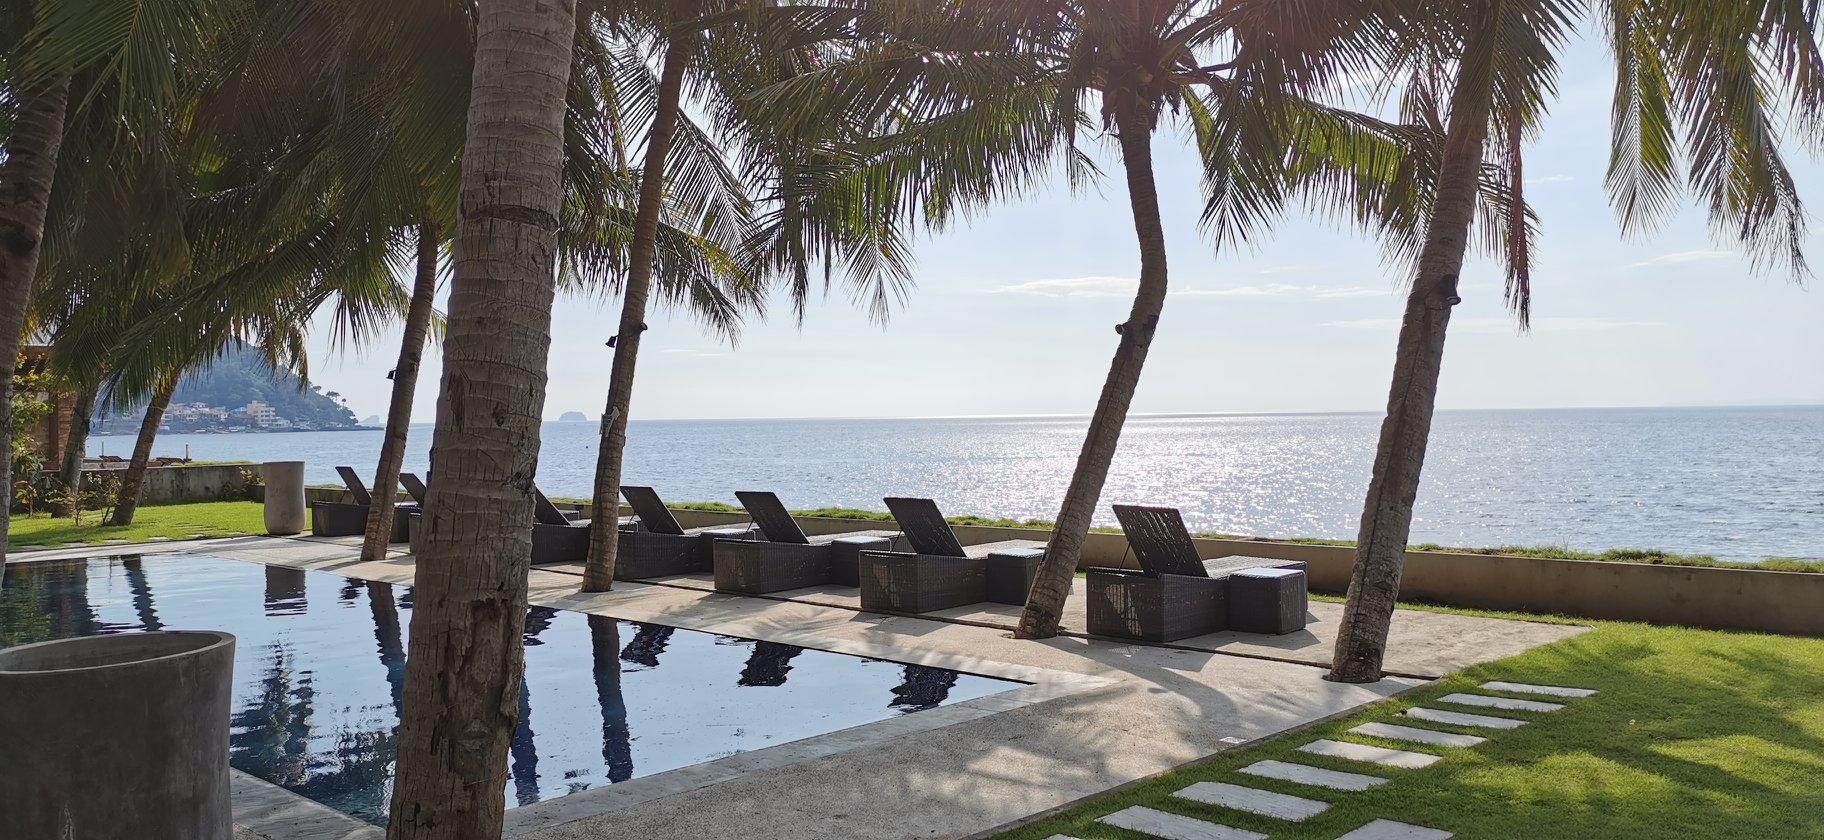 15 Best Beach Resorts Near Manila: Batangas, La Union, Zambales, Bataan